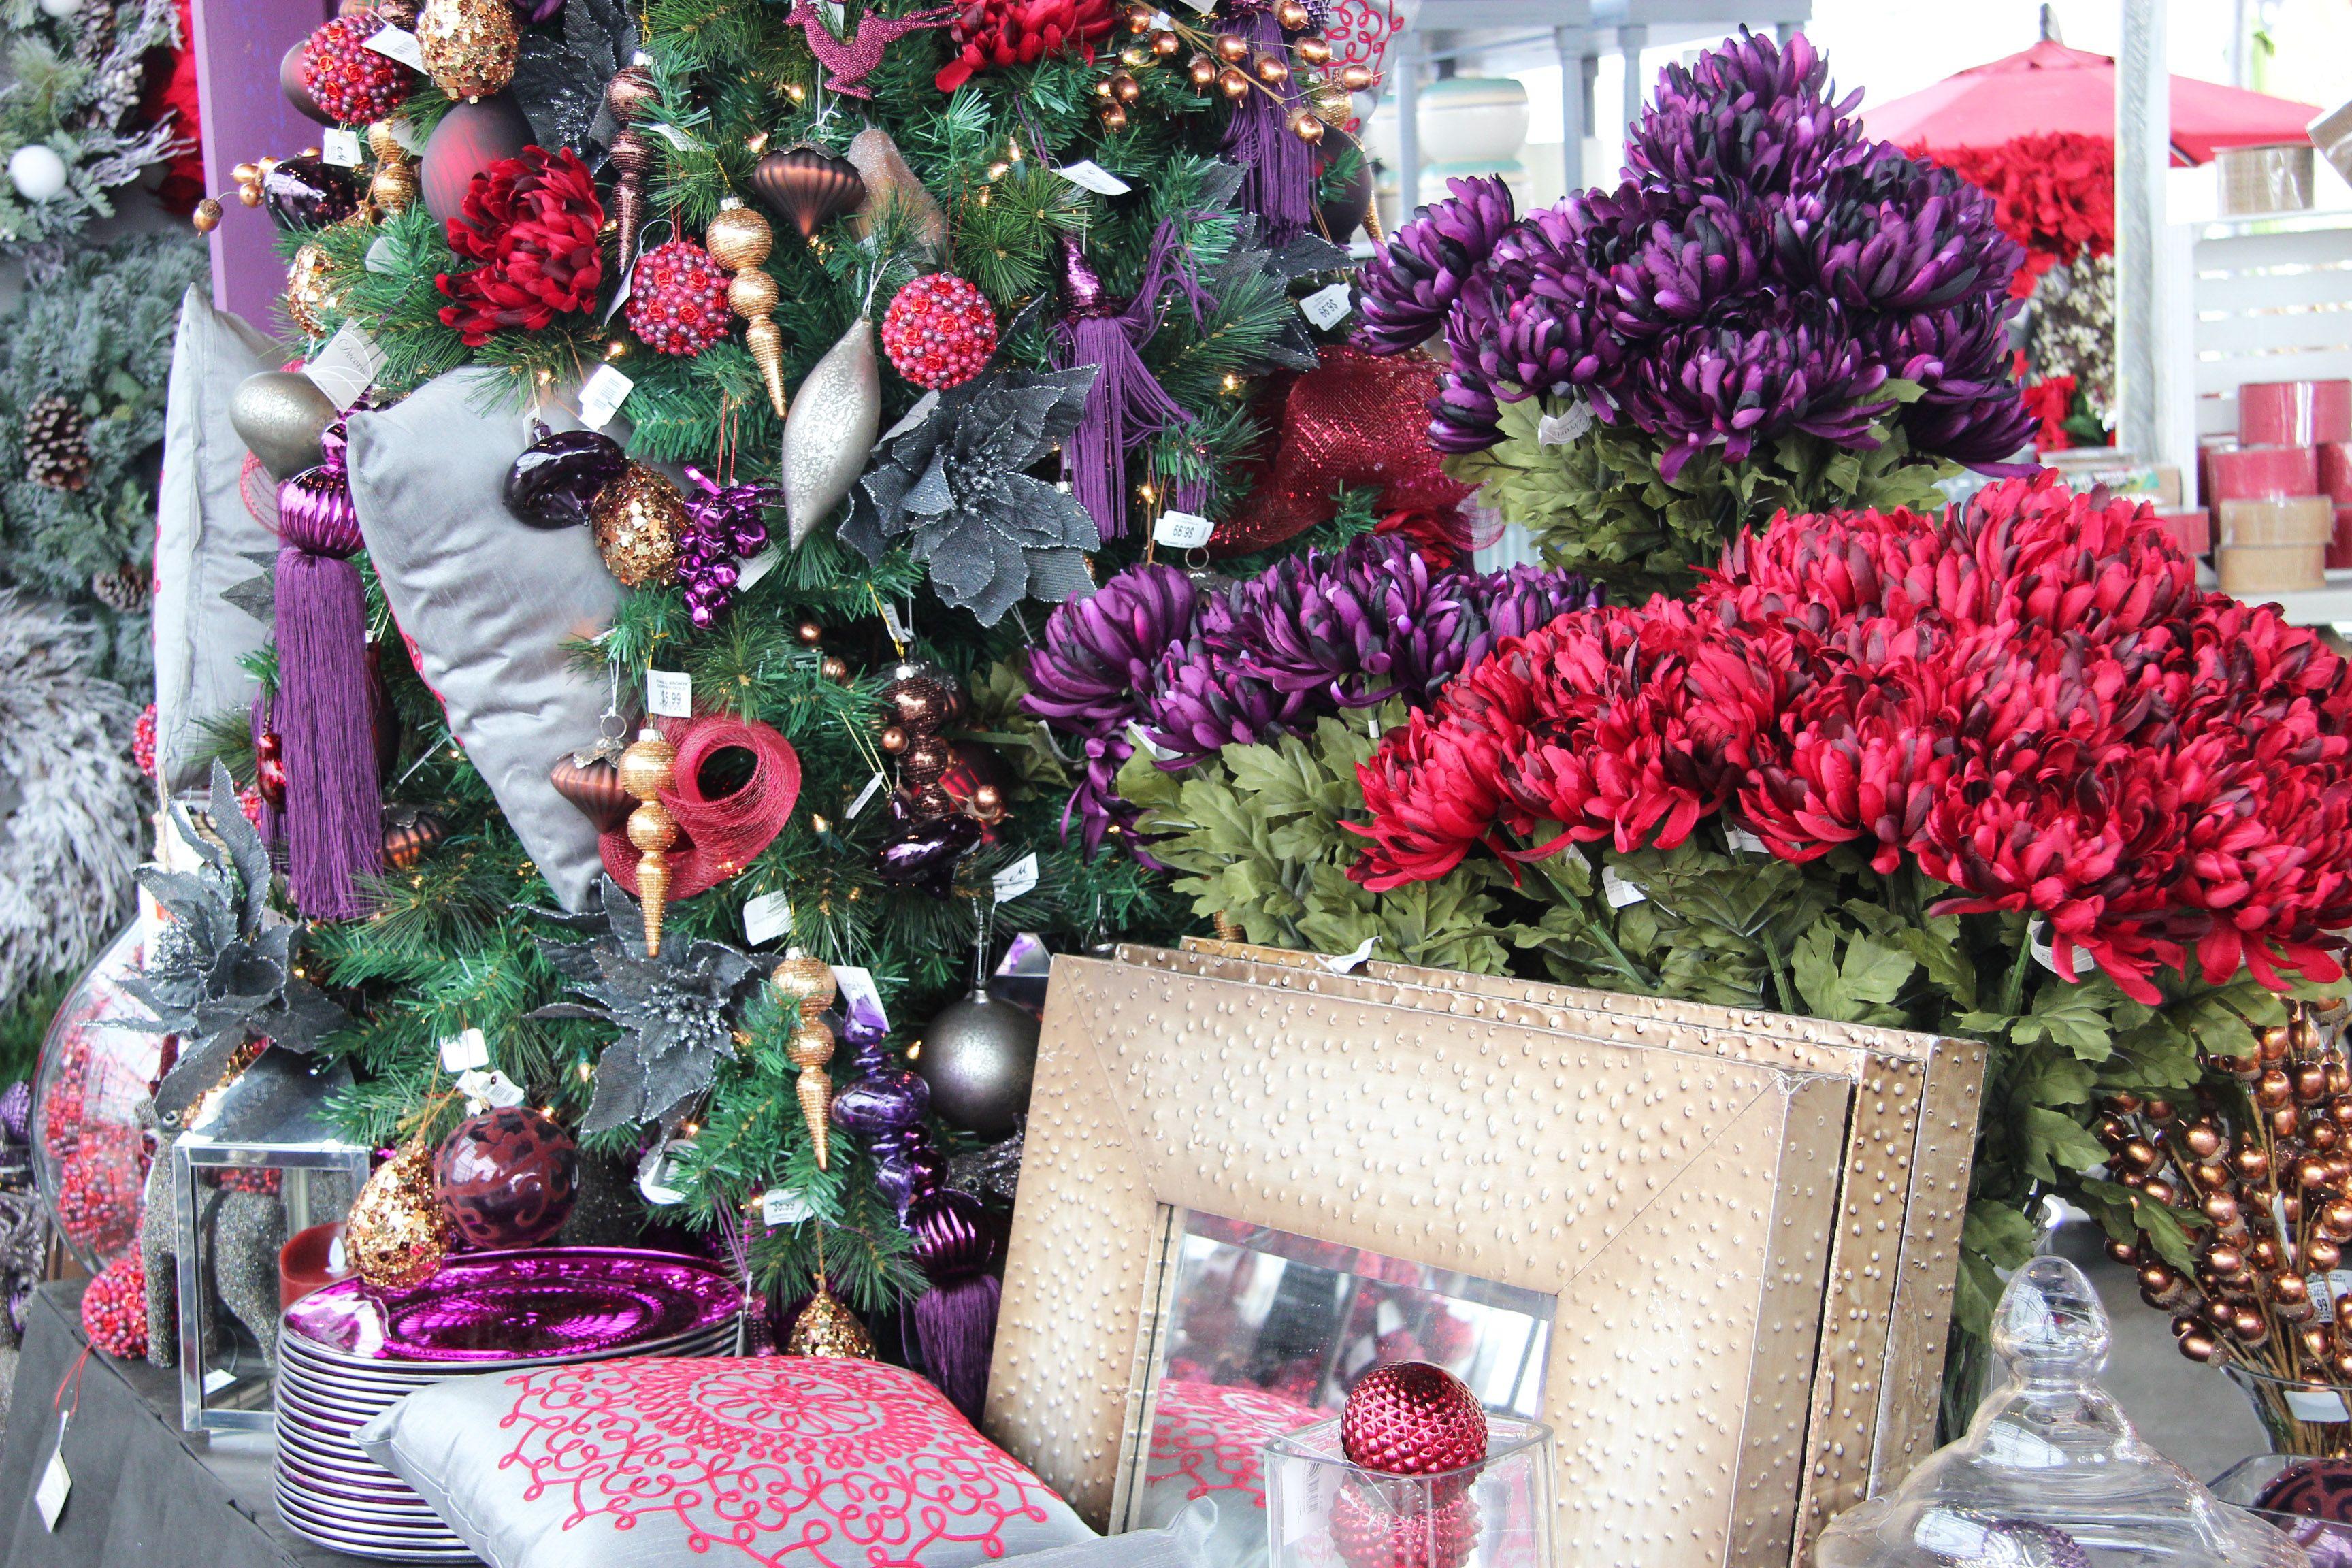 Christmas Decor Holiday Decor Christmas Christmas Tree Themes Christmas Decorations